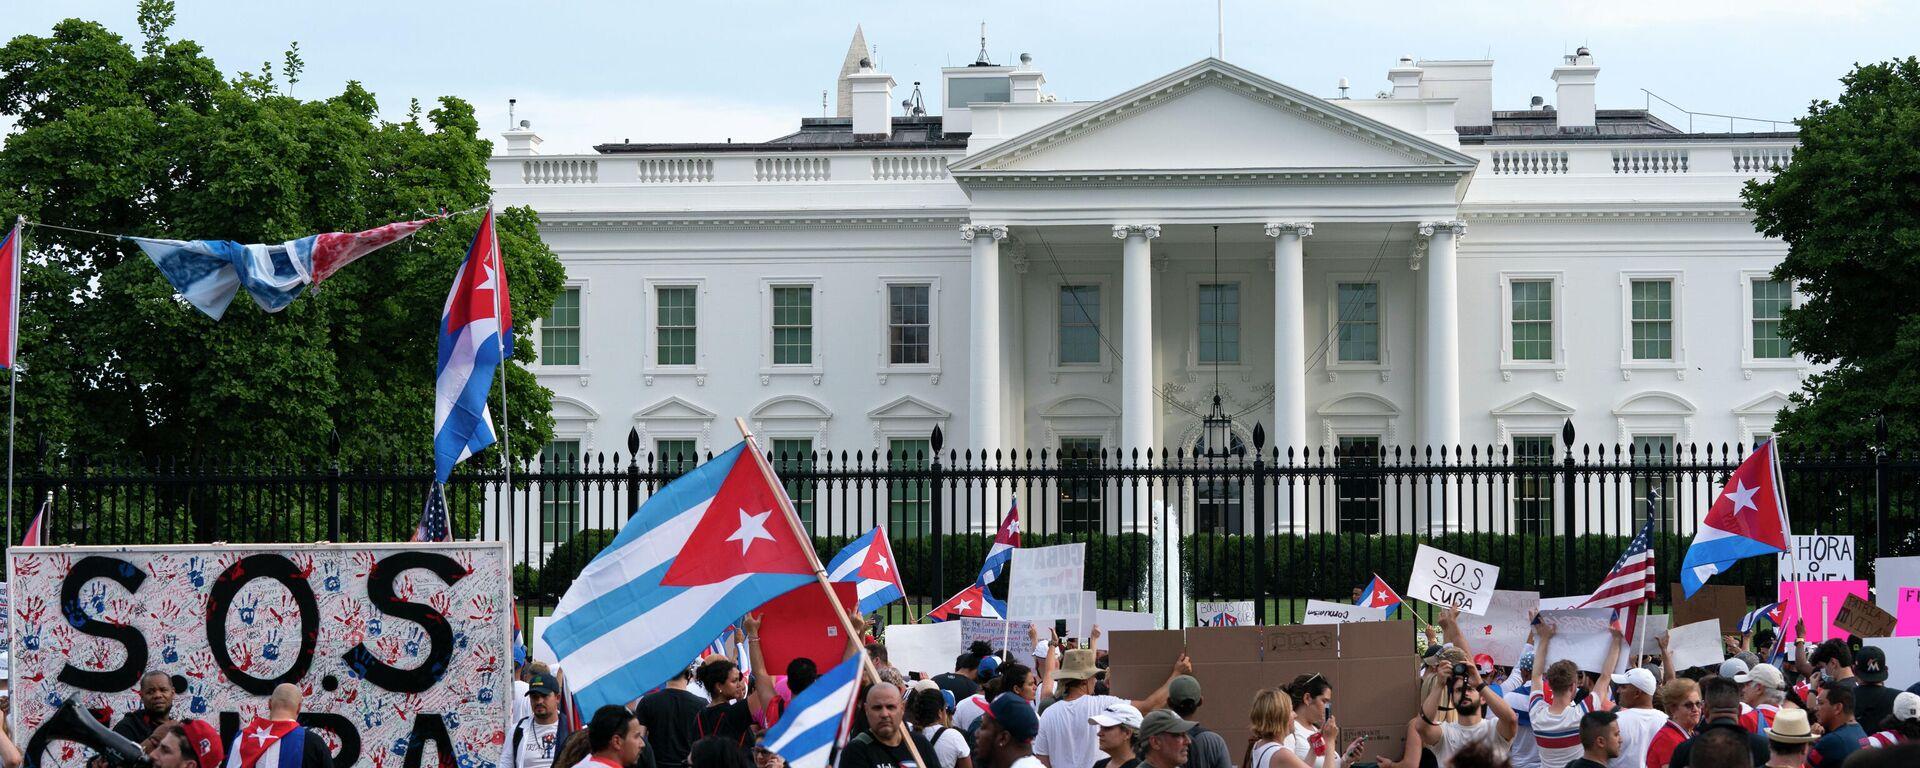 Un acto en apoyo a las protestas en Cuba cerca de la Casa Blanca - Sputnik Mundo, 1920, 18.07.2021